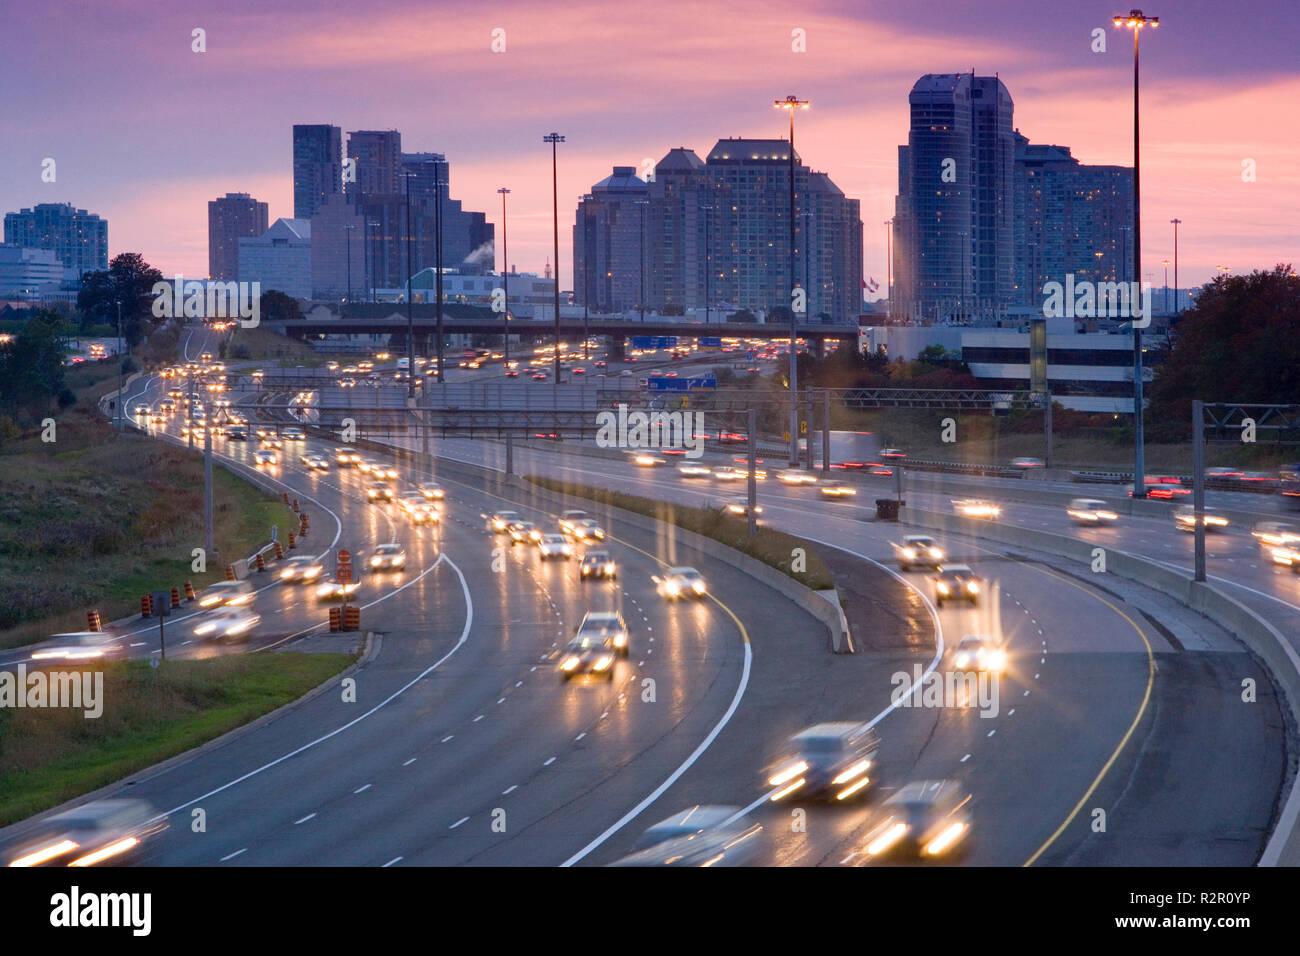 Amérique du Nord, Canada, Ontario, Toronto, le trafic sur l'autoroute 401 au crépuscule, une des routes les plus achalandés au monde Photo Stock